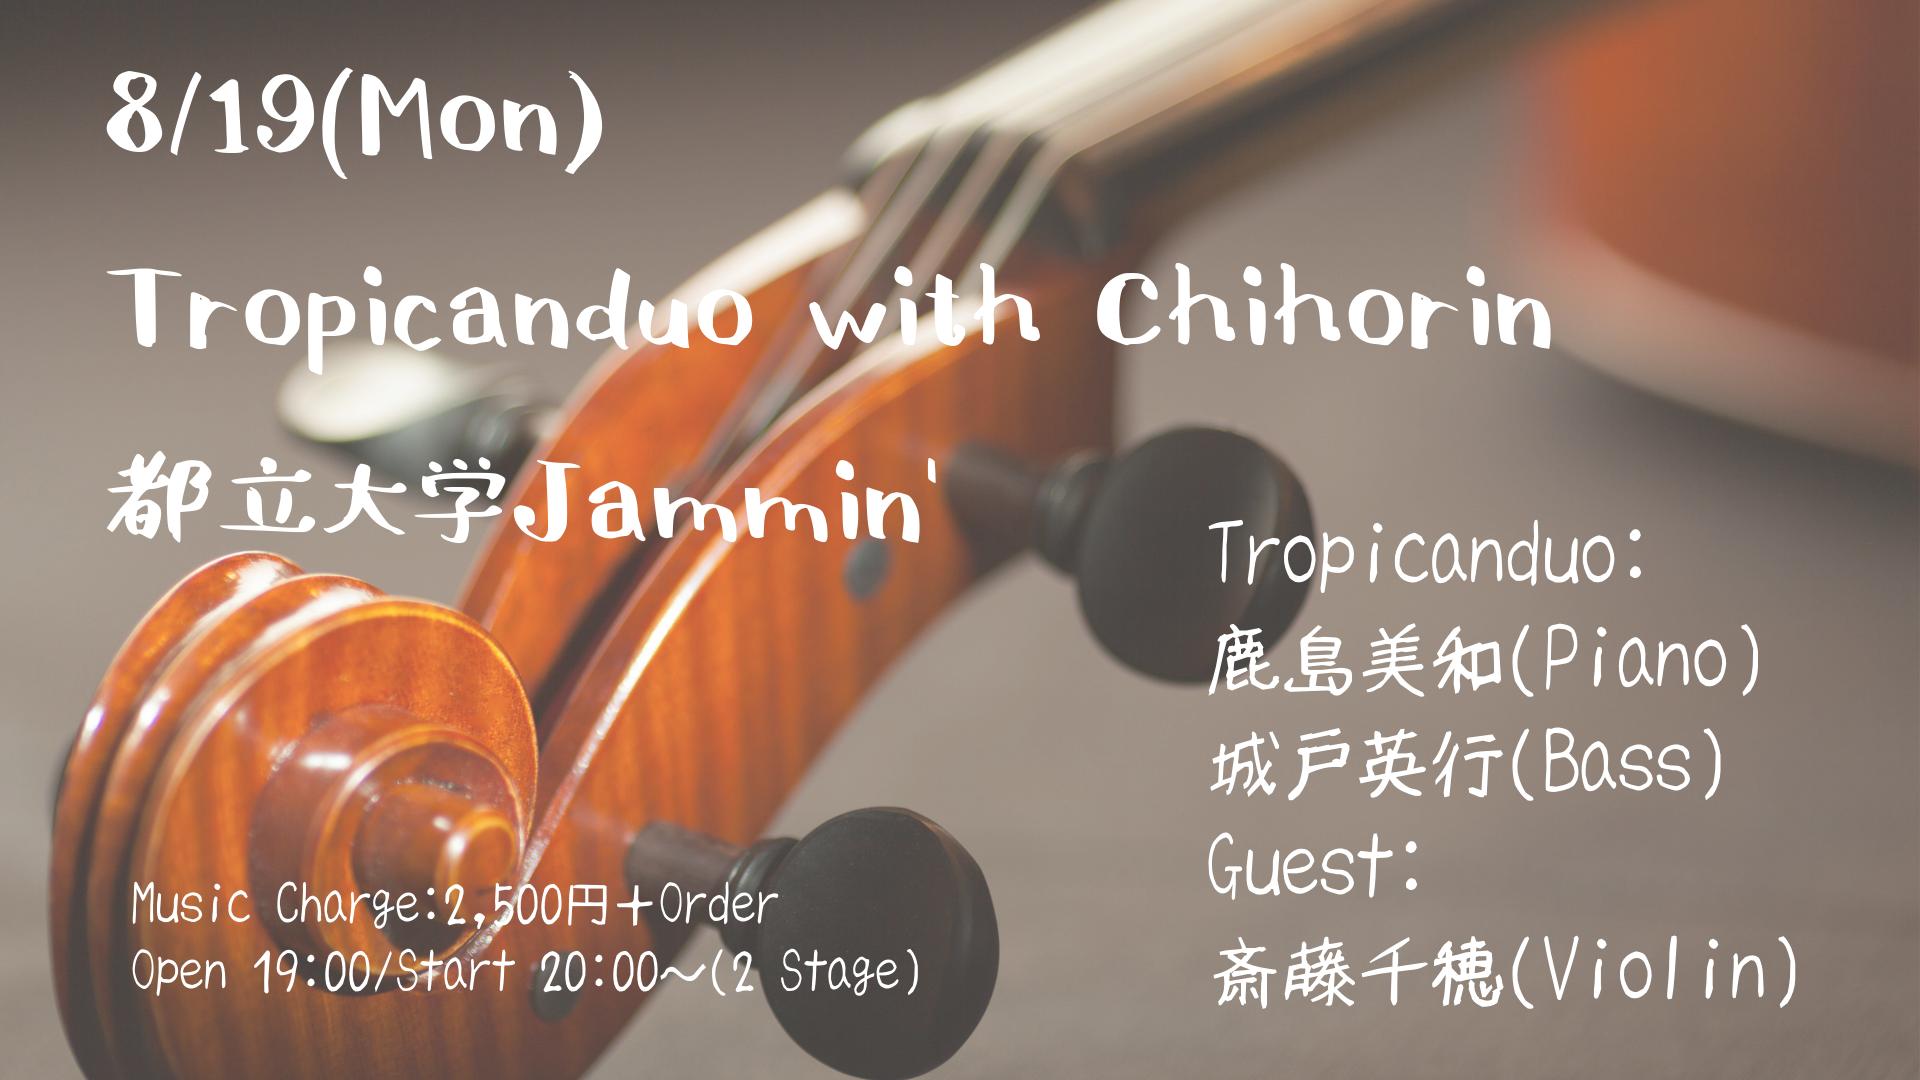 Tropicanduo with Chihorin @ 都立大学Jammin'